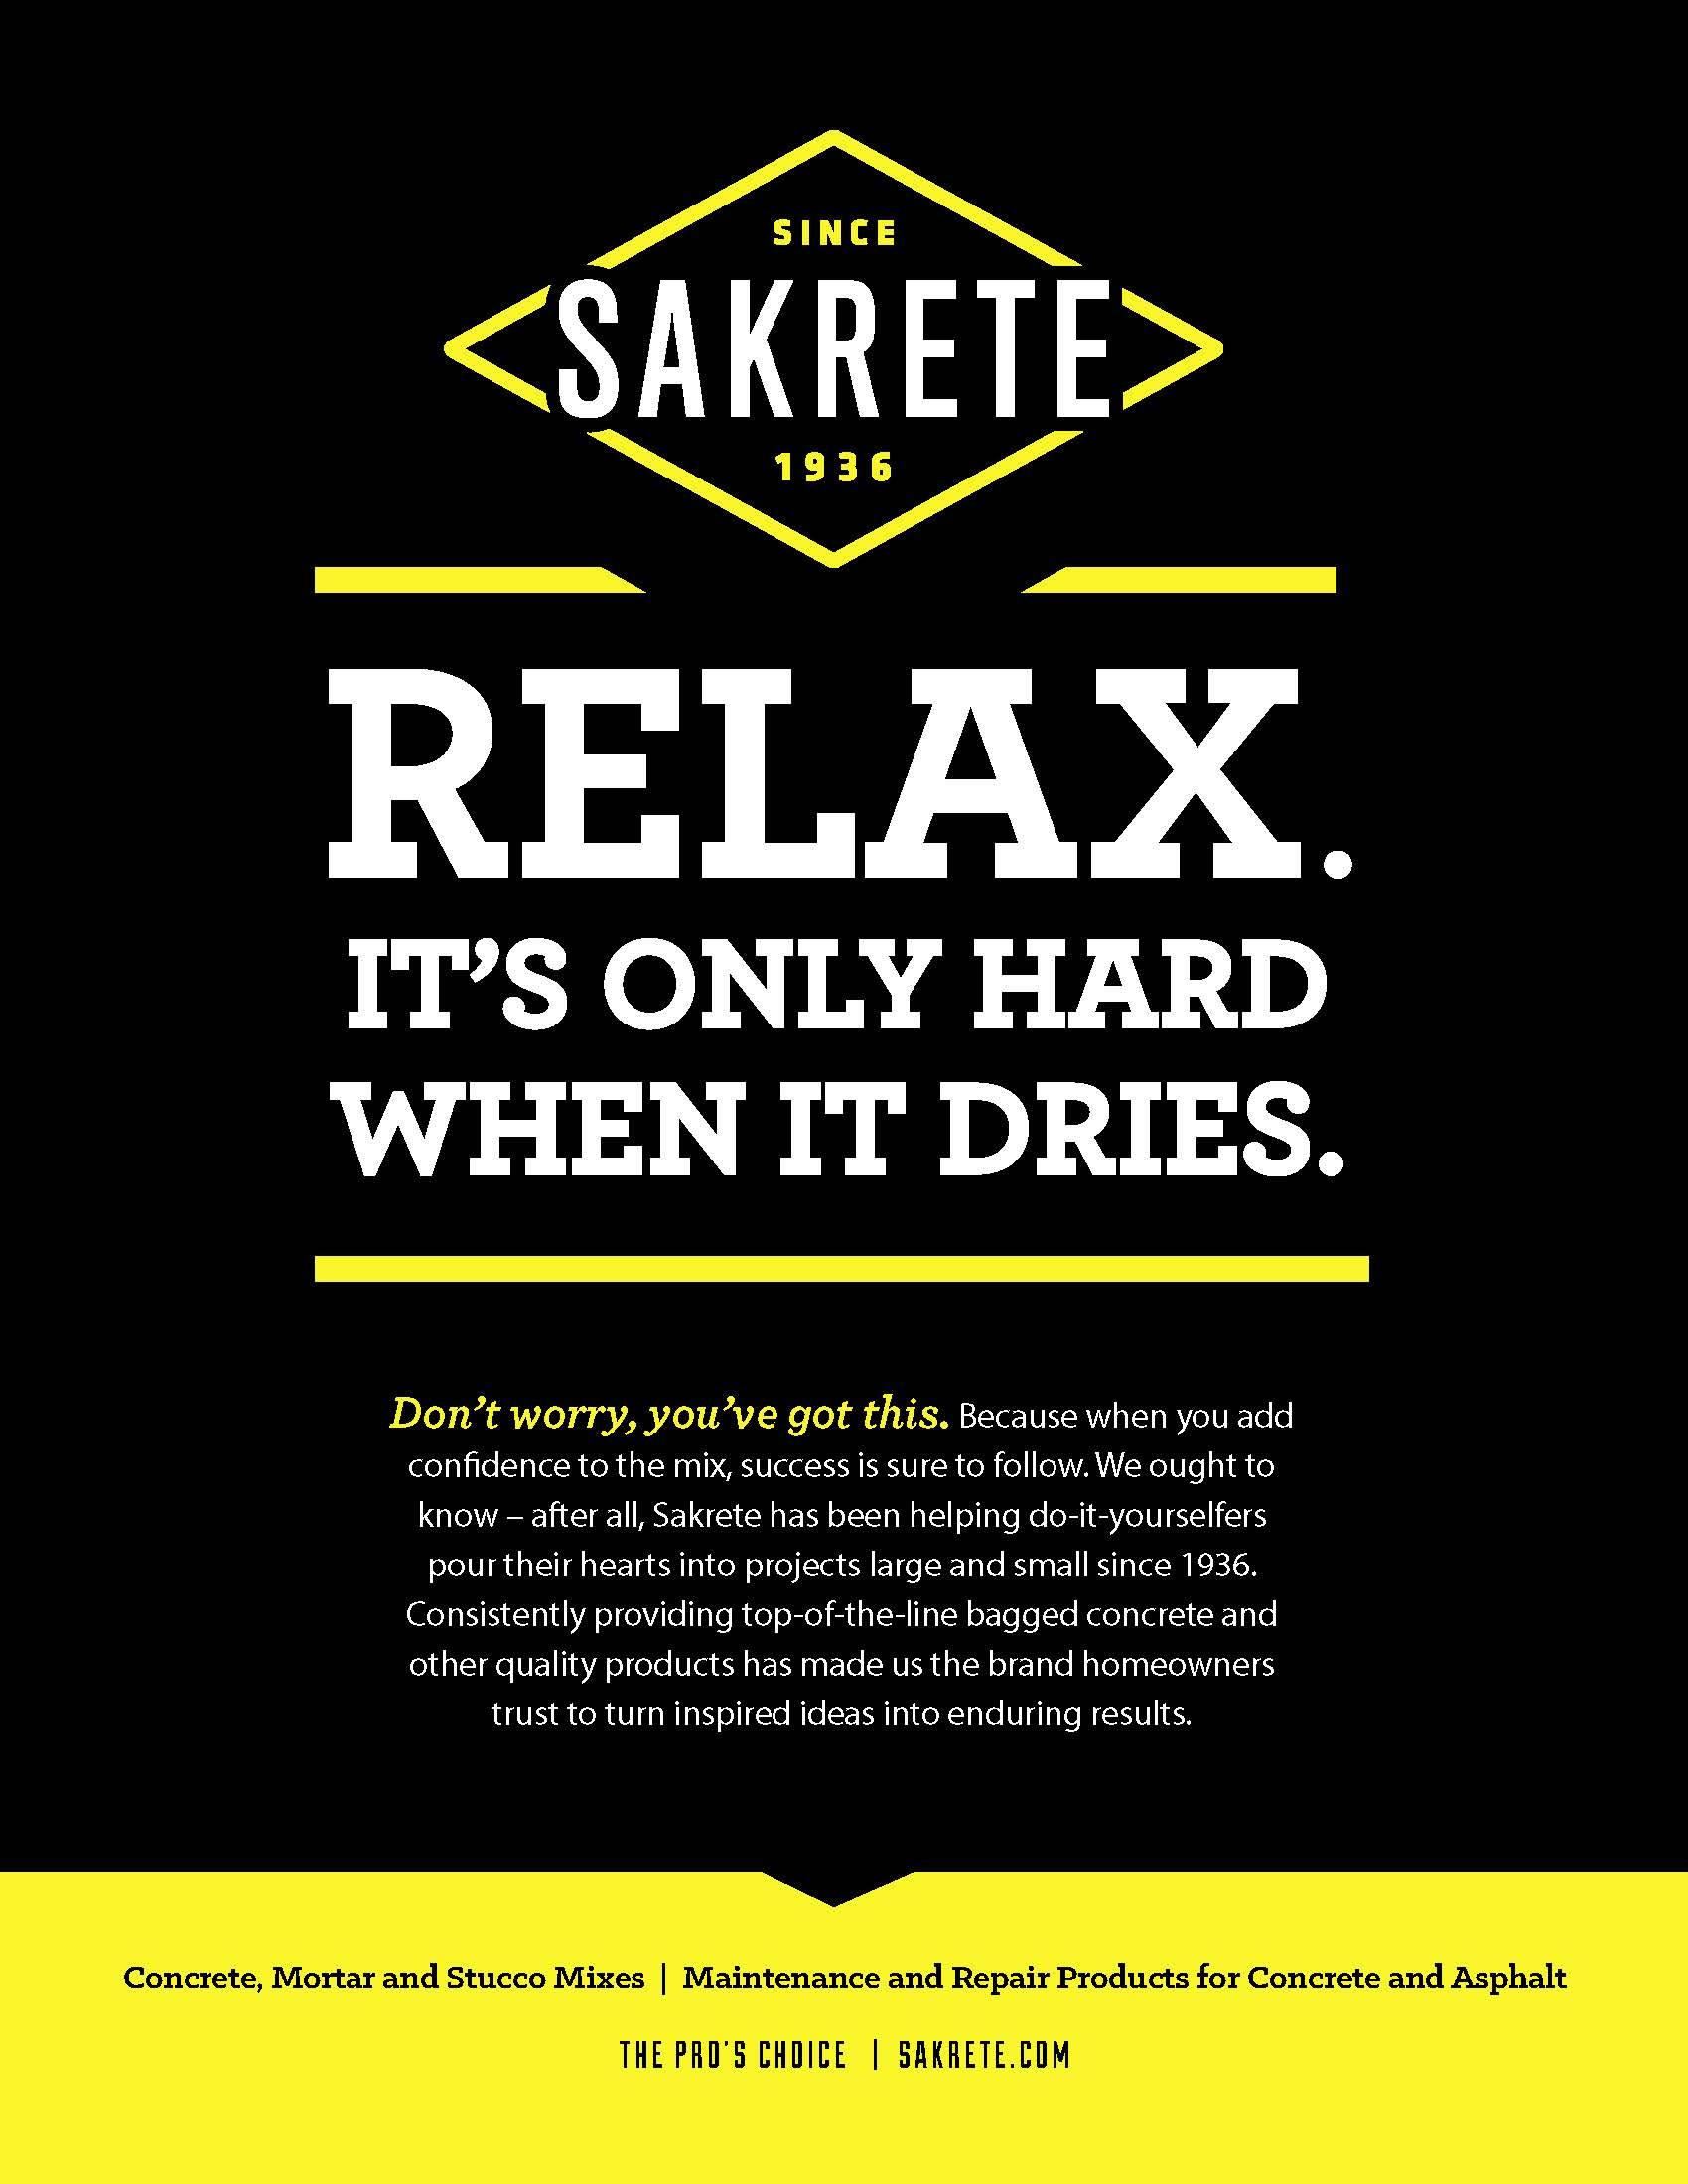 Sakrete: Print Ad Relax